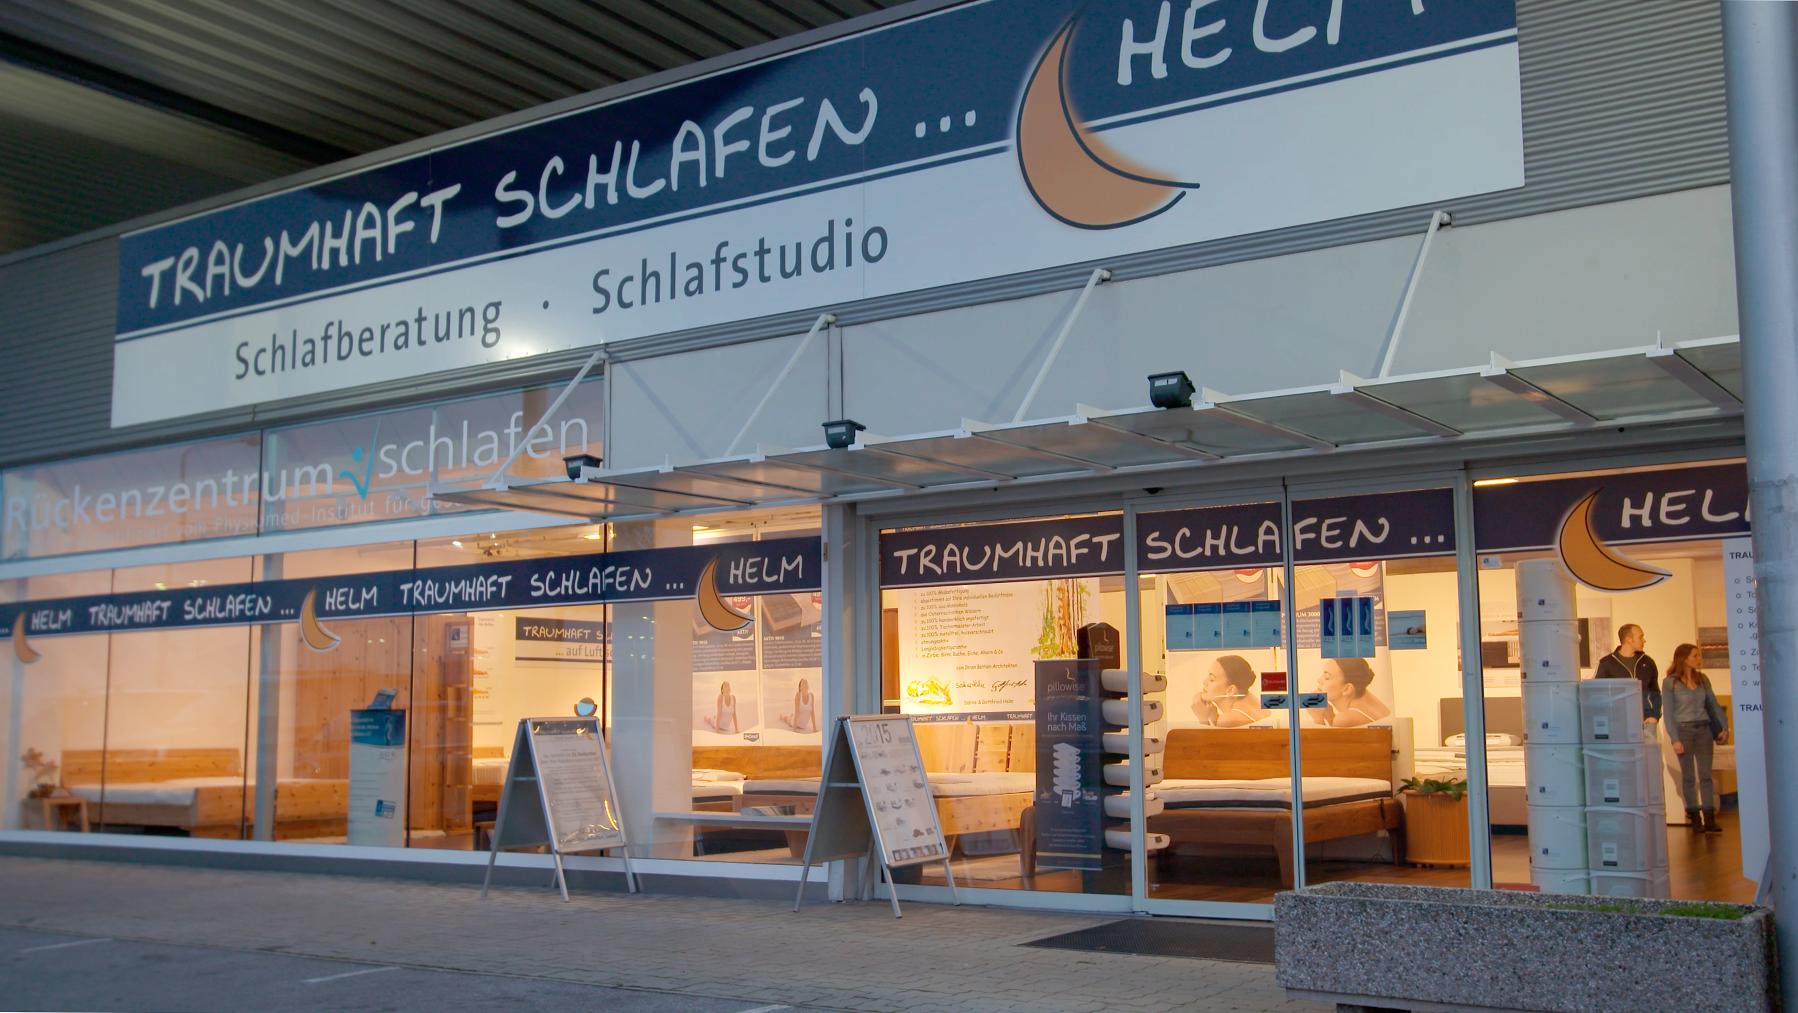 Full Size of Schlafstudio Helm Einkaufsratgeber Wien Wohnzimmer Schlafstudio Helm